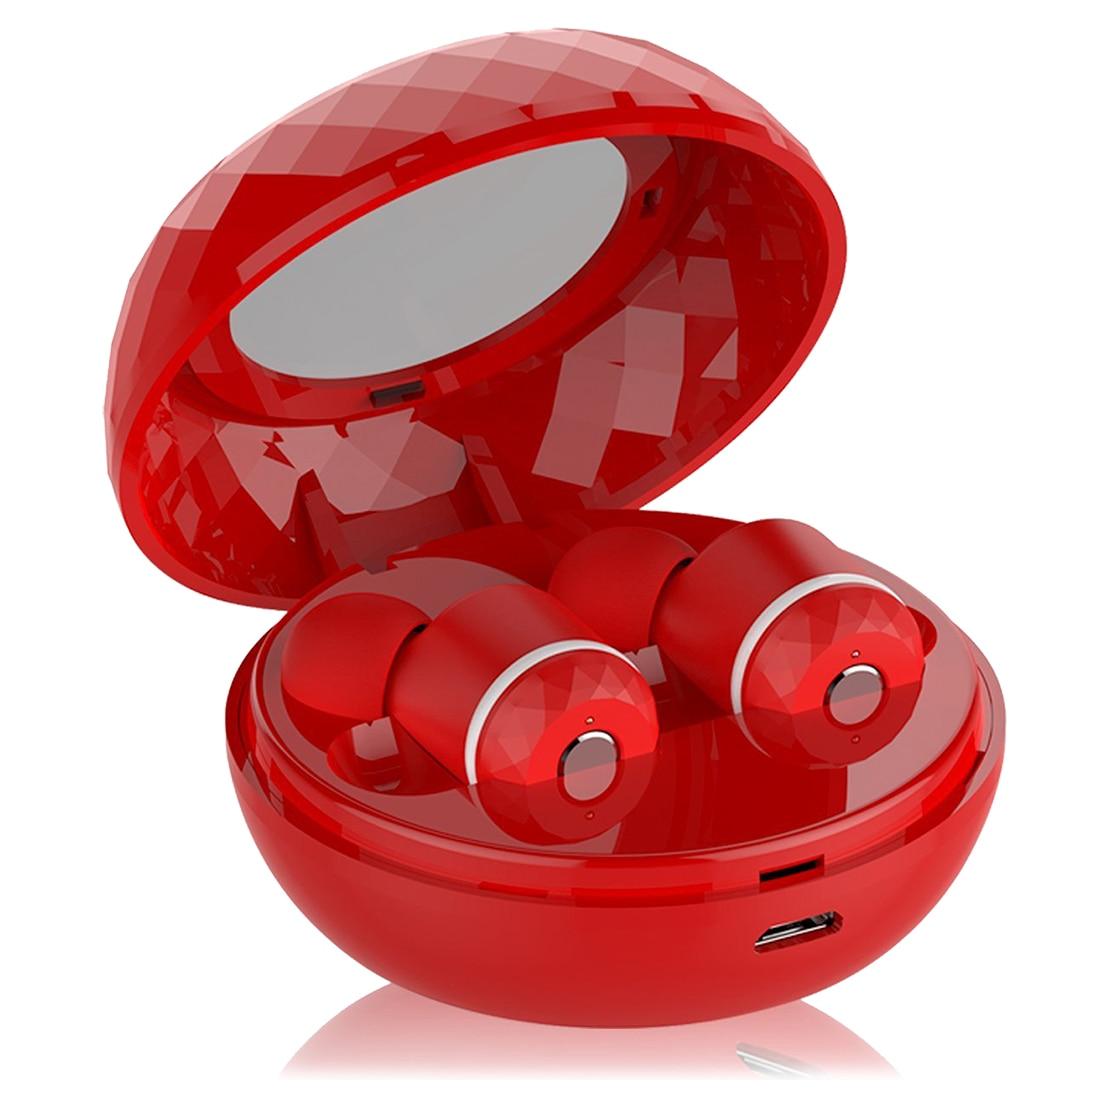 Wireless Earbuds, True Wireless Stereo Bluetooth V4.1 Headphones with Charging Case & Noise Earphones Sweatproof In-Ear Headset